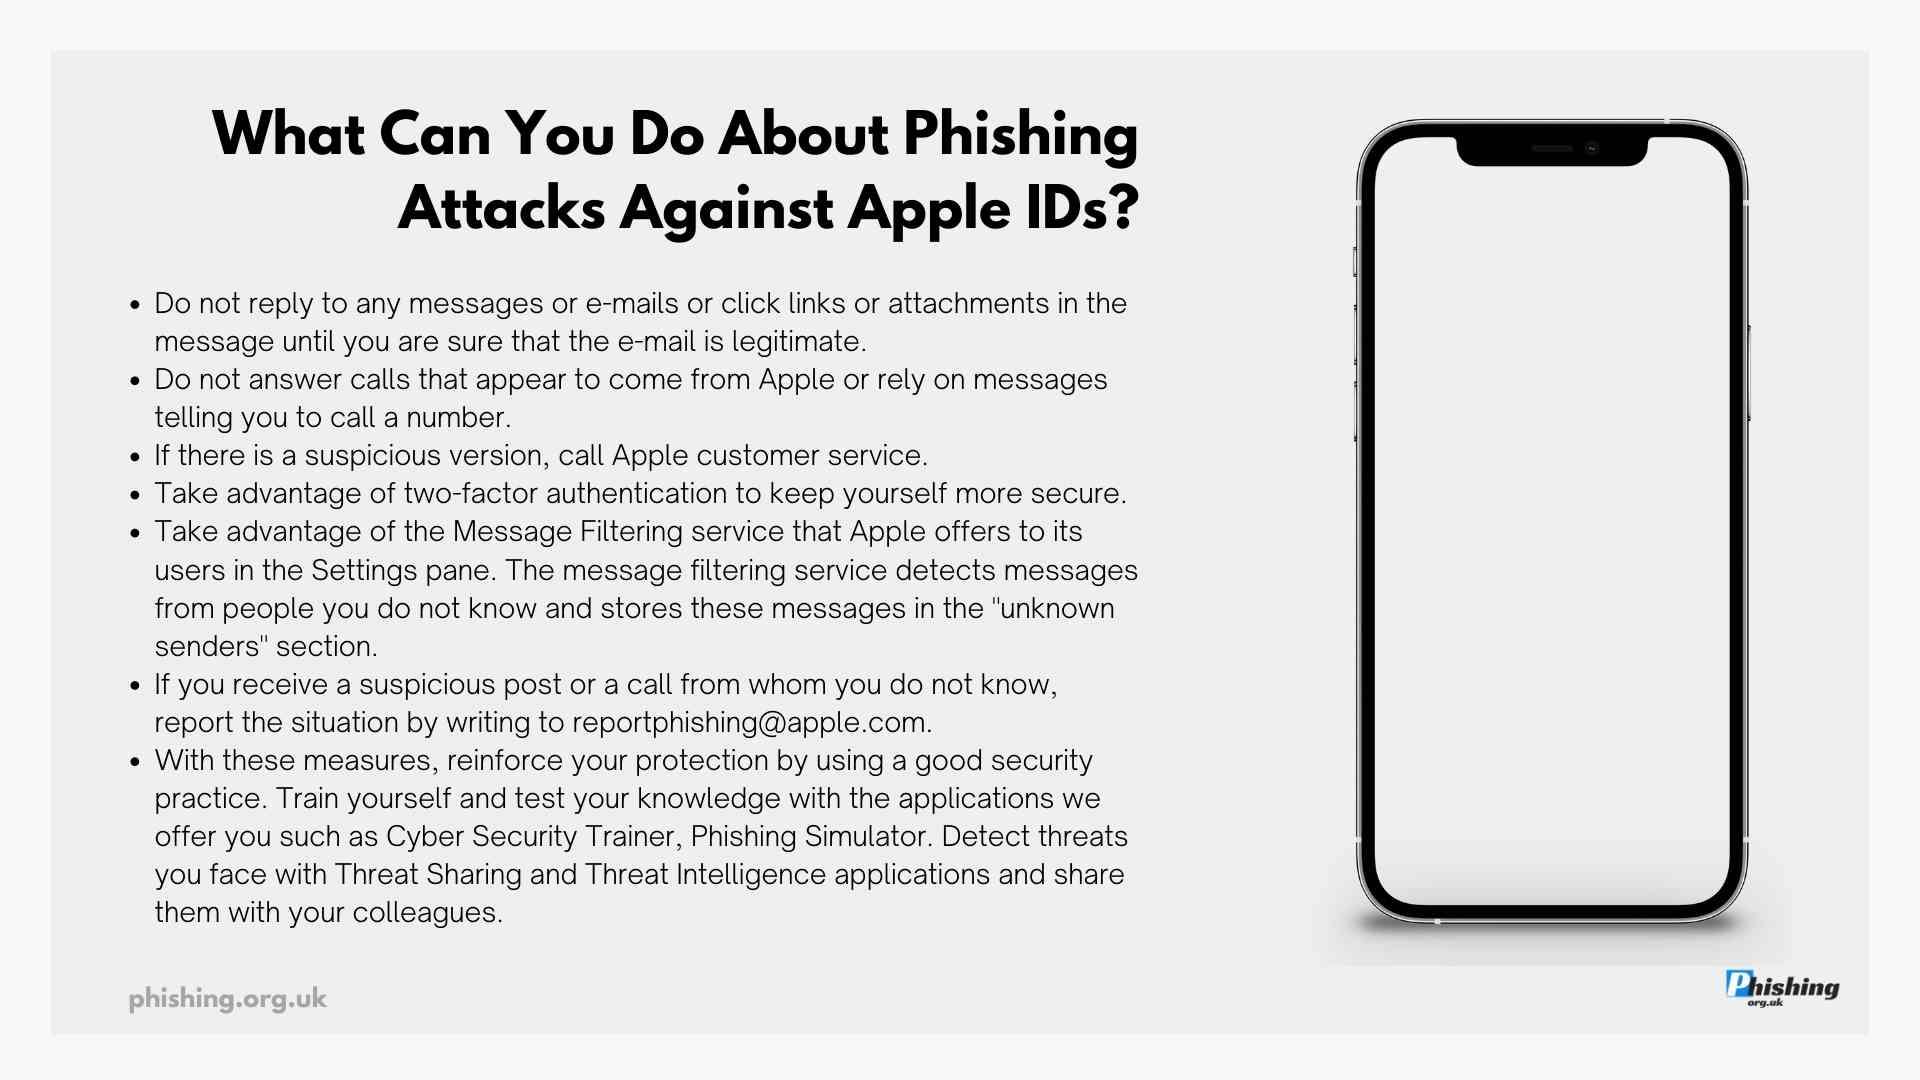 Phishing Attacks Against Apple IDs